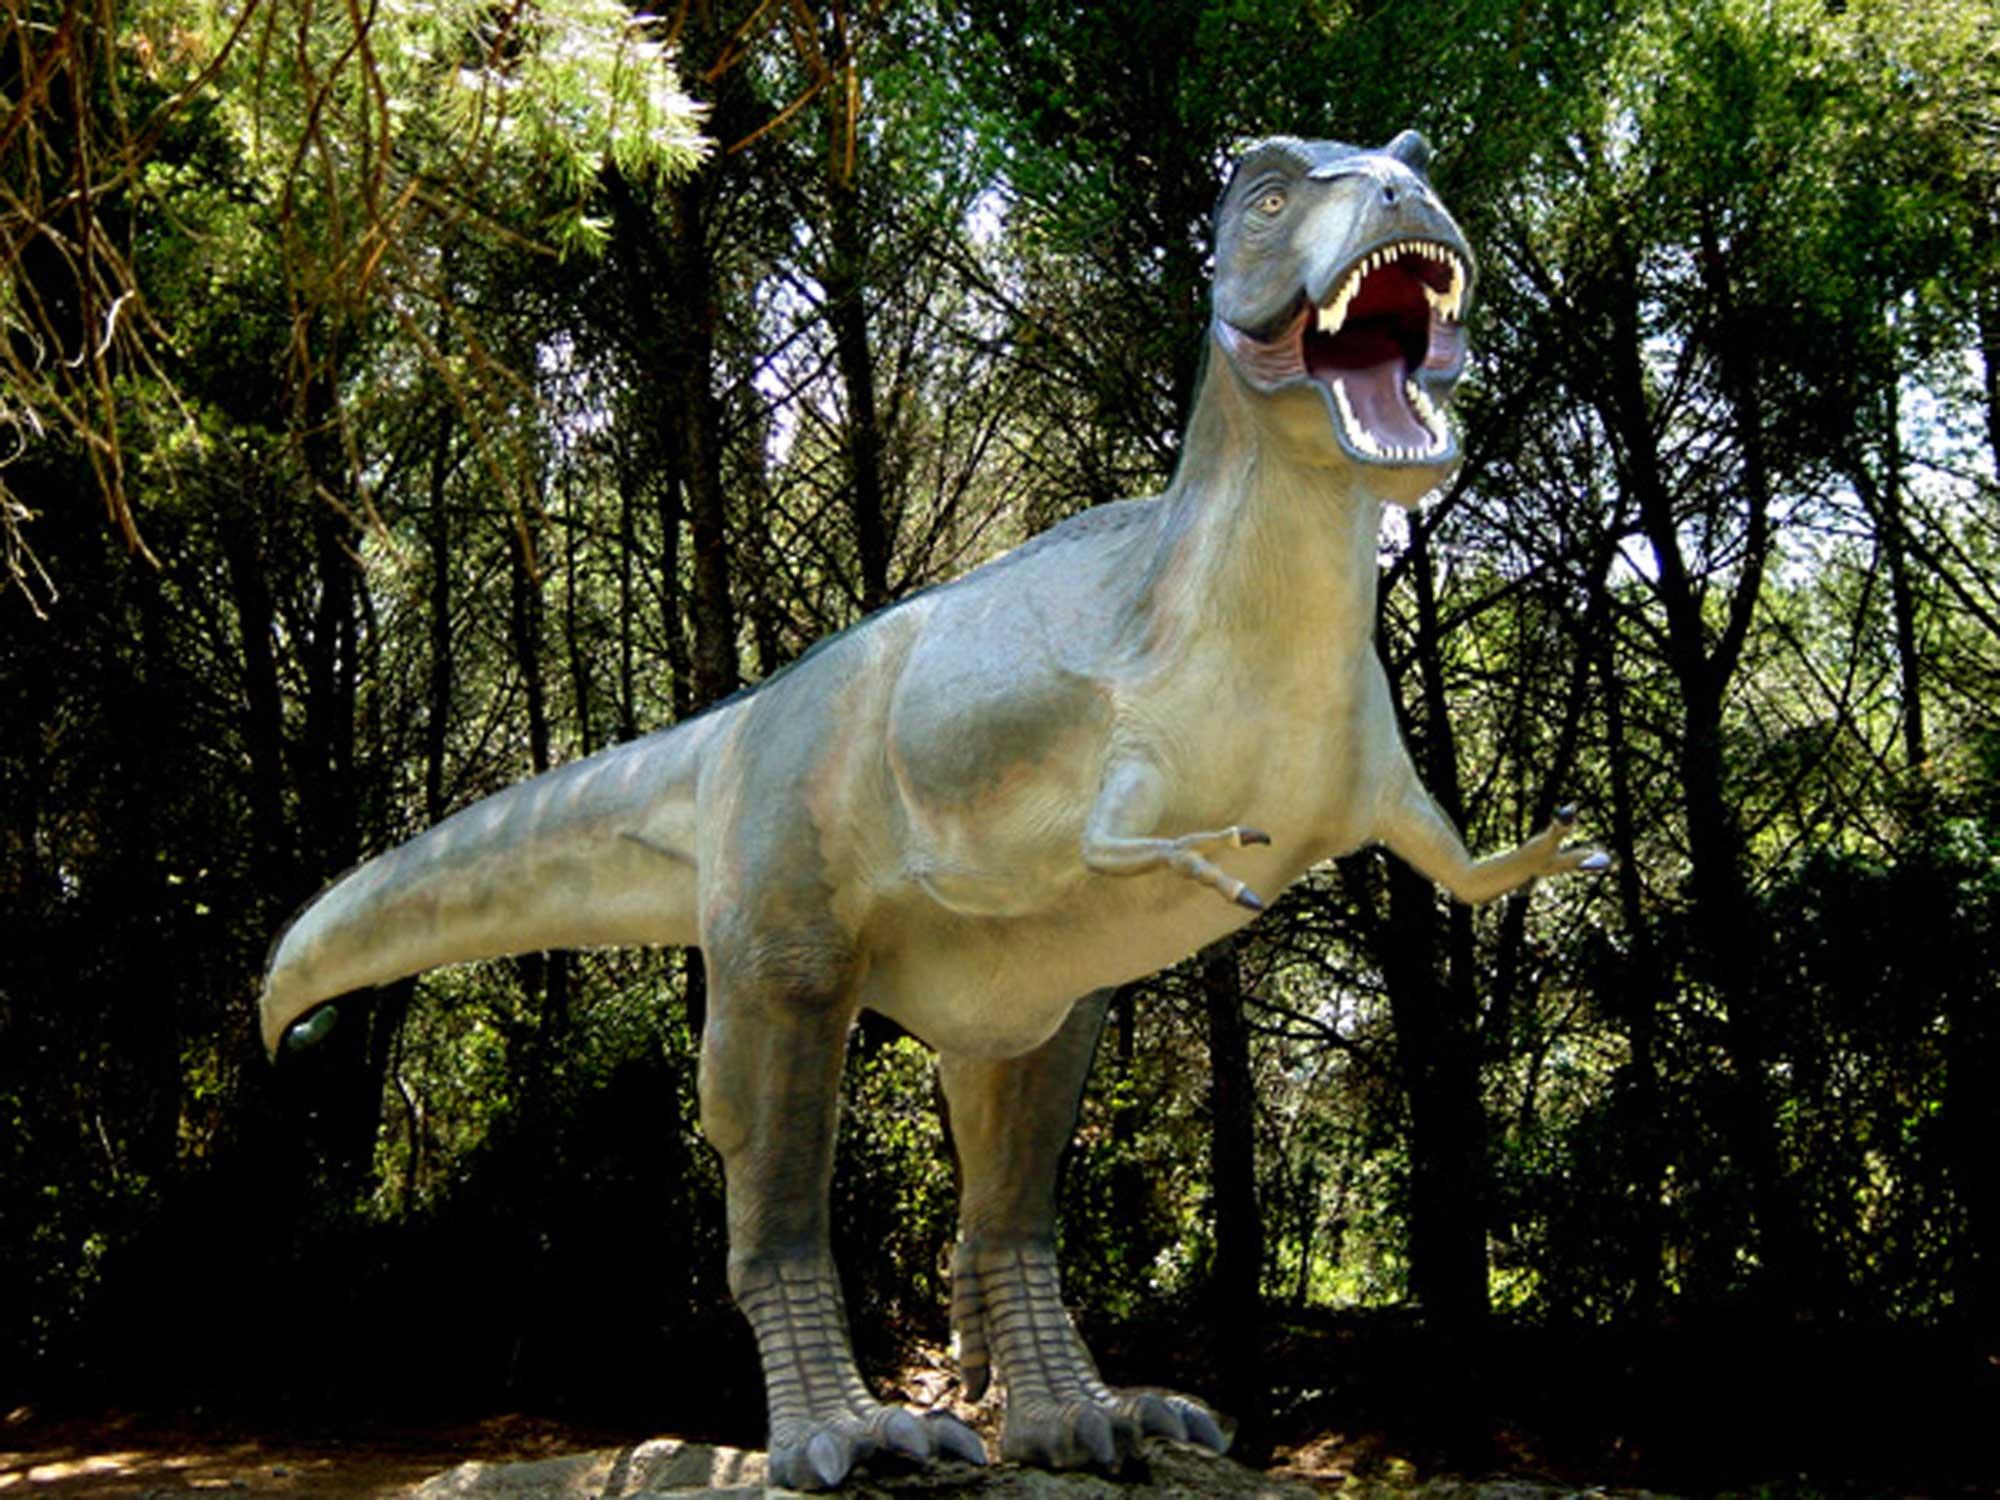 - © Musée parc des dinosaures